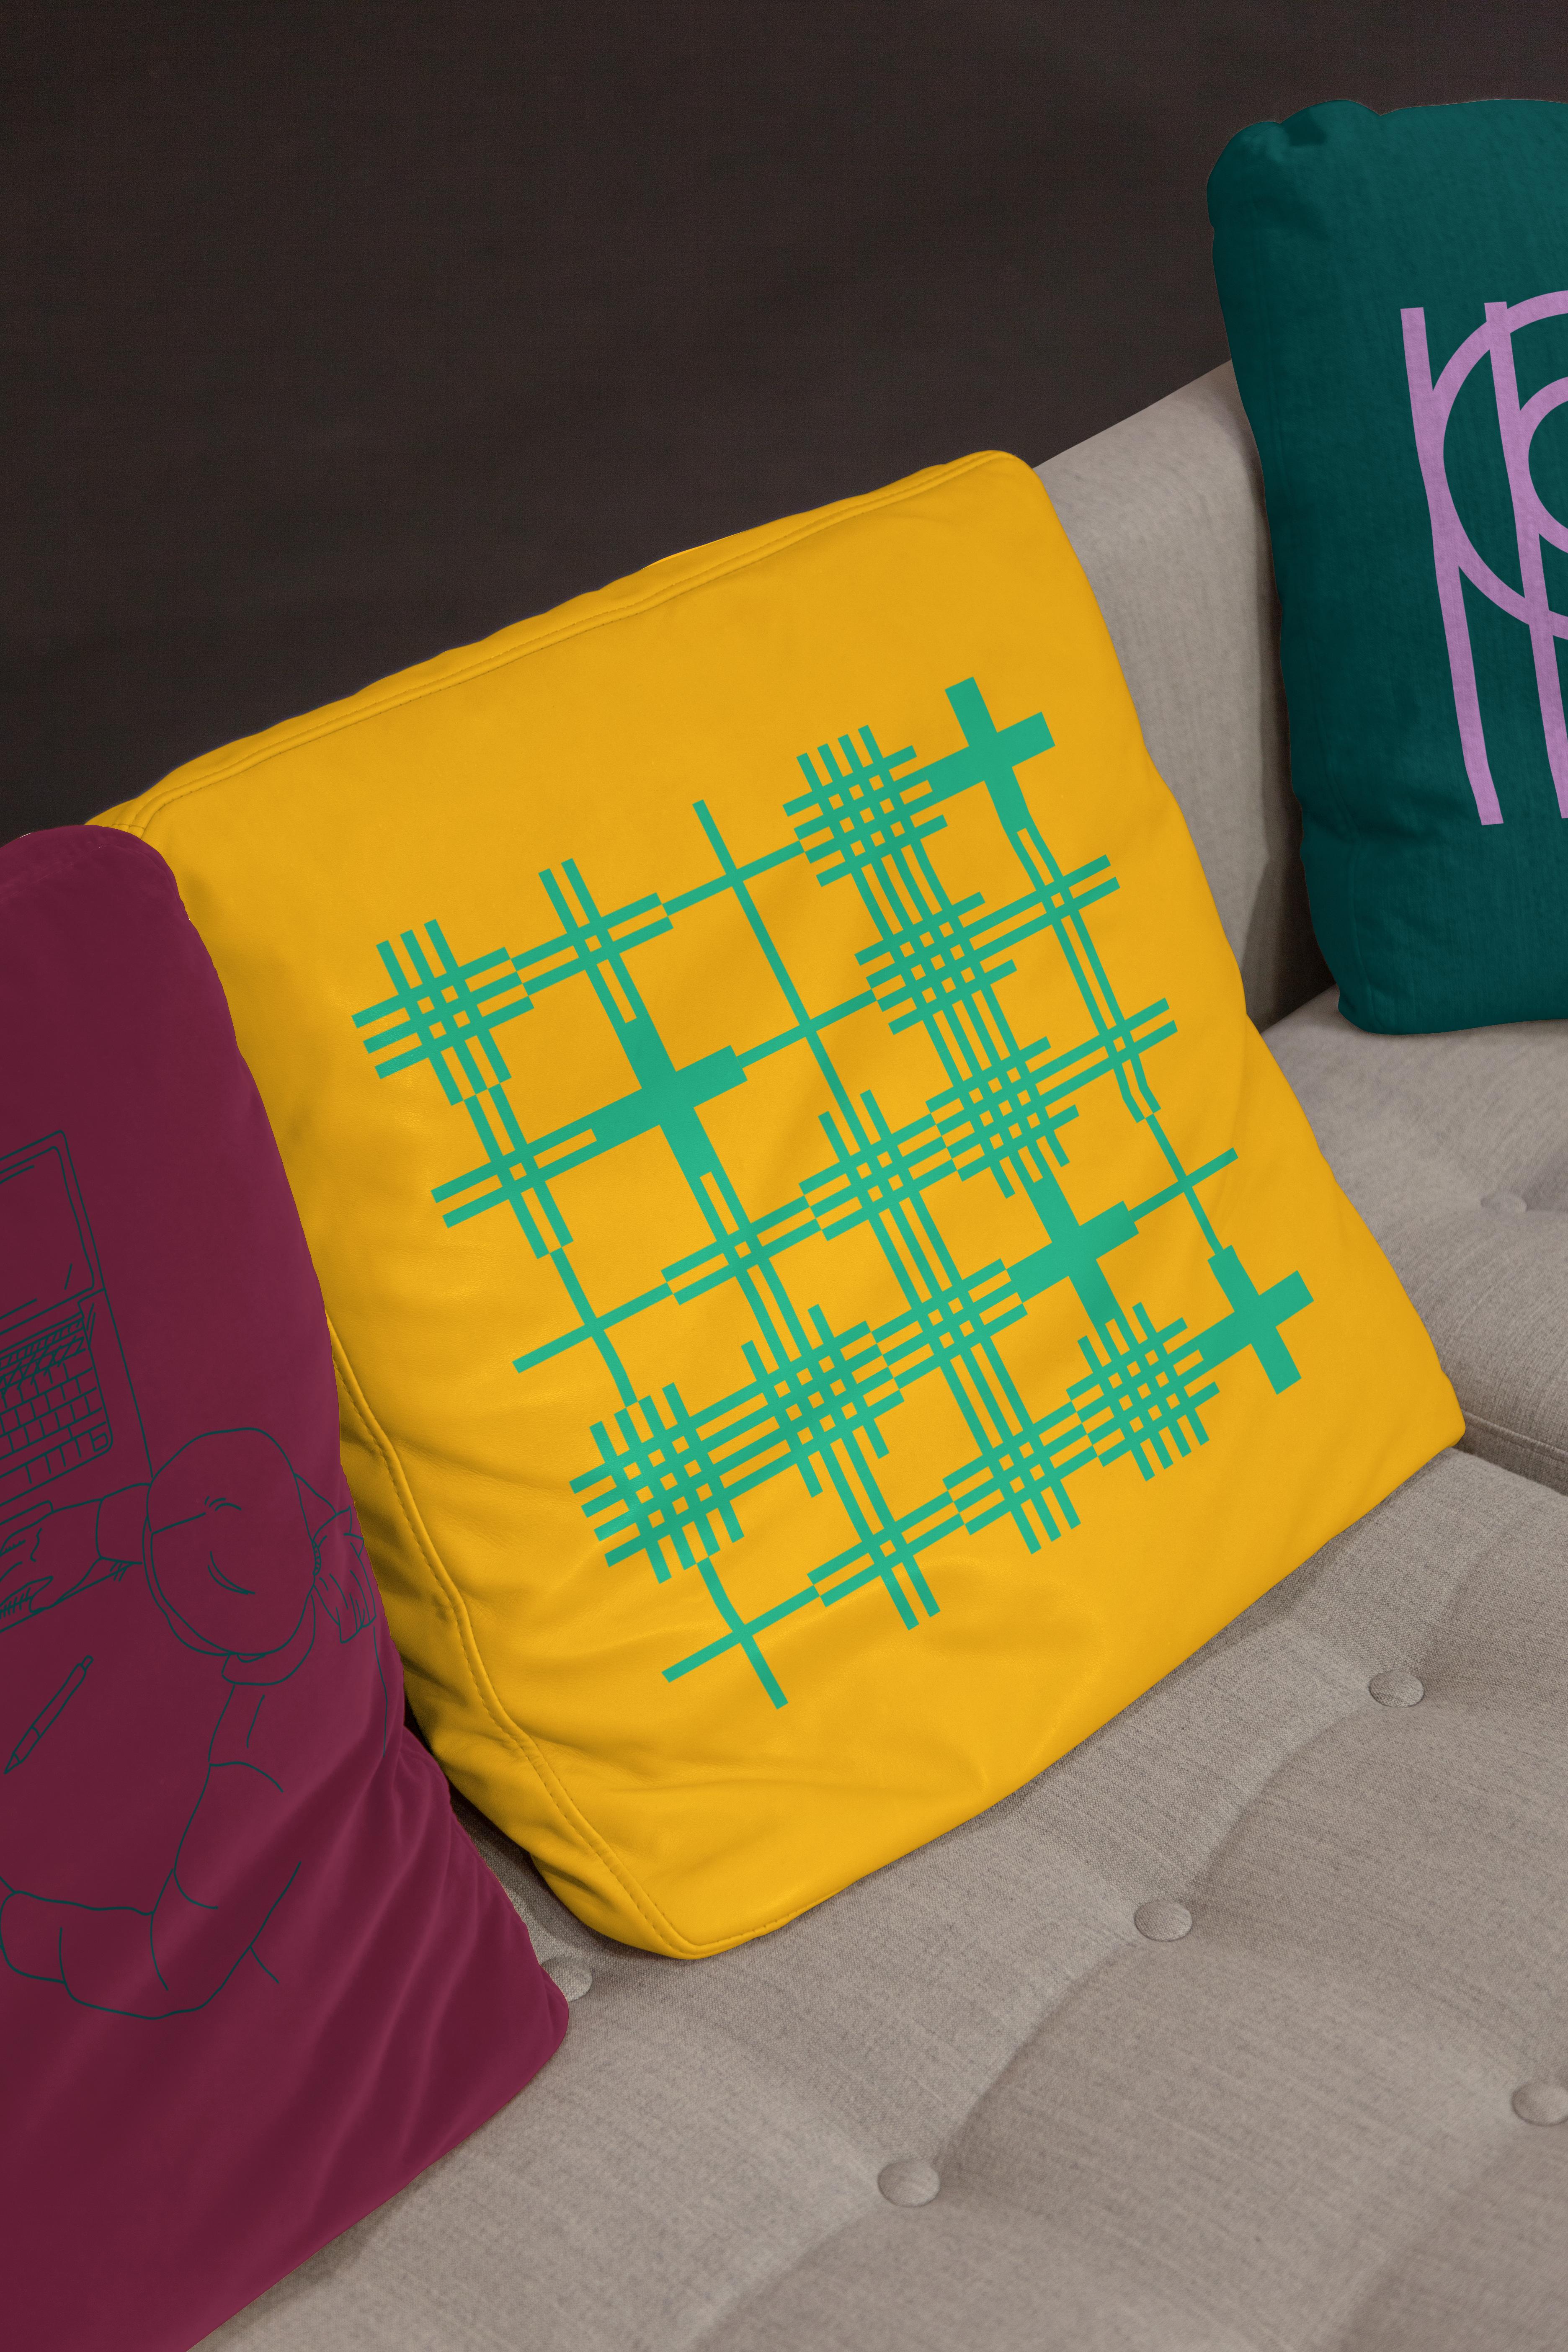 PlusPlus branded pillows